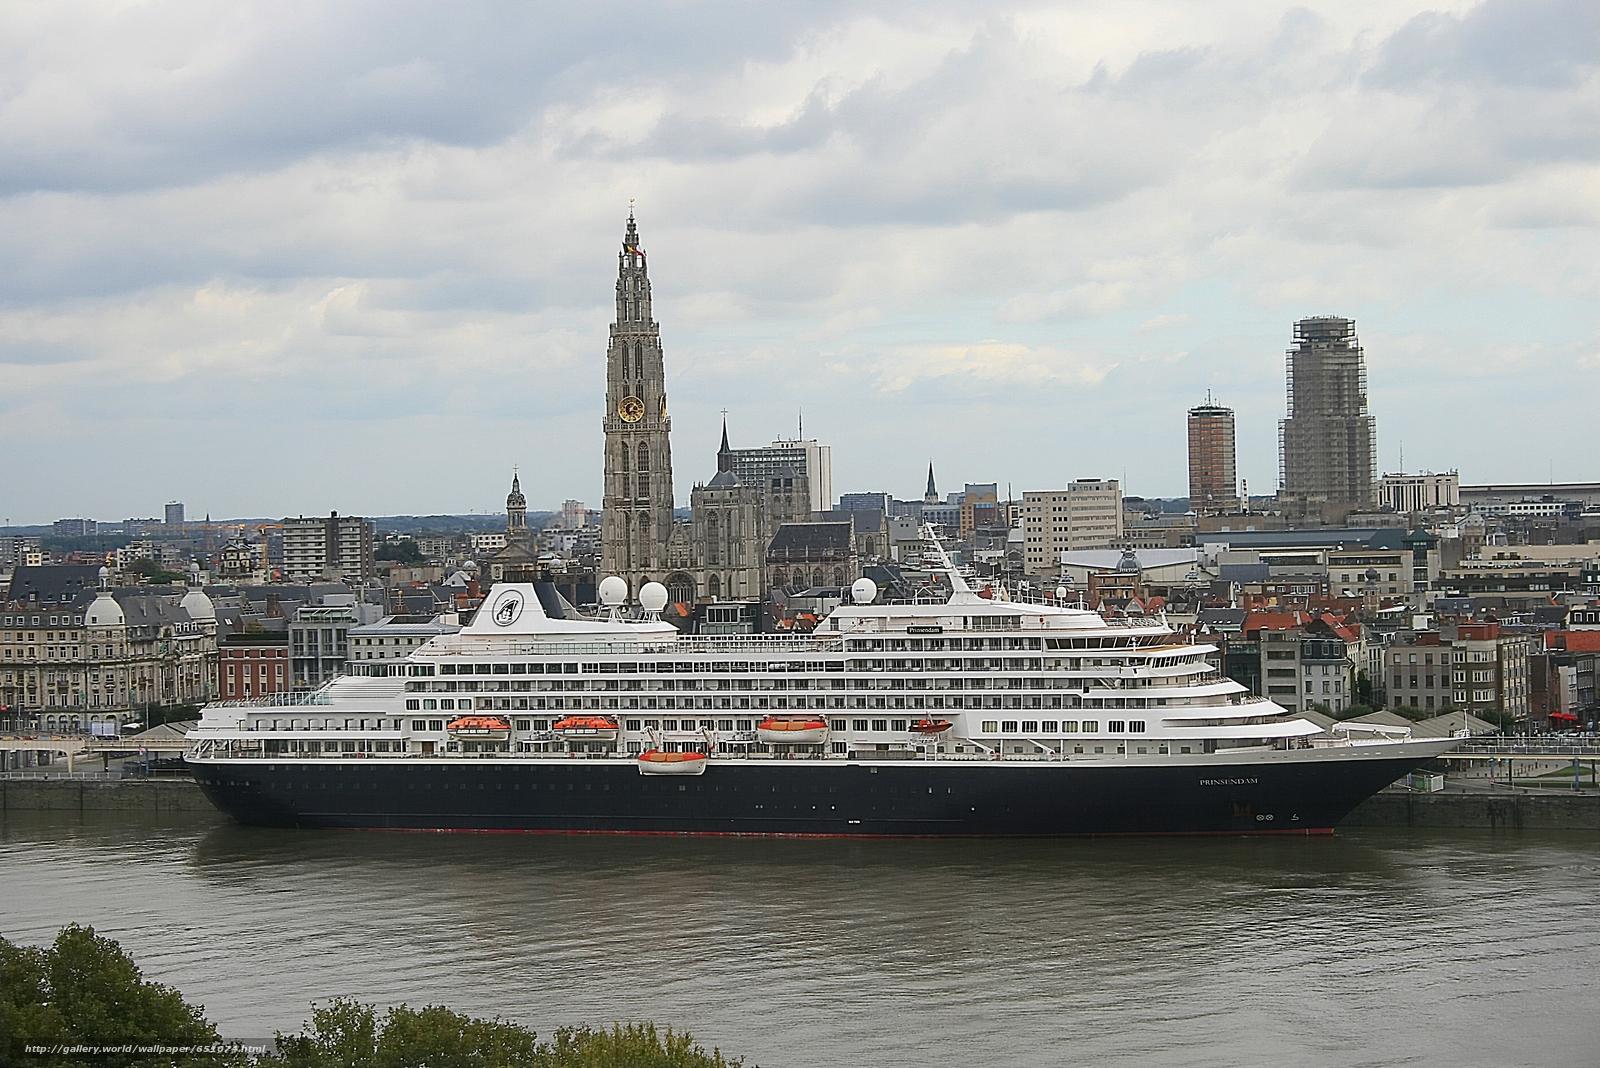 Antwerp, Belgium, Scheldt River, Antwerp, Belgium, River Scheldt, cruise liner, Liner, cruise, city